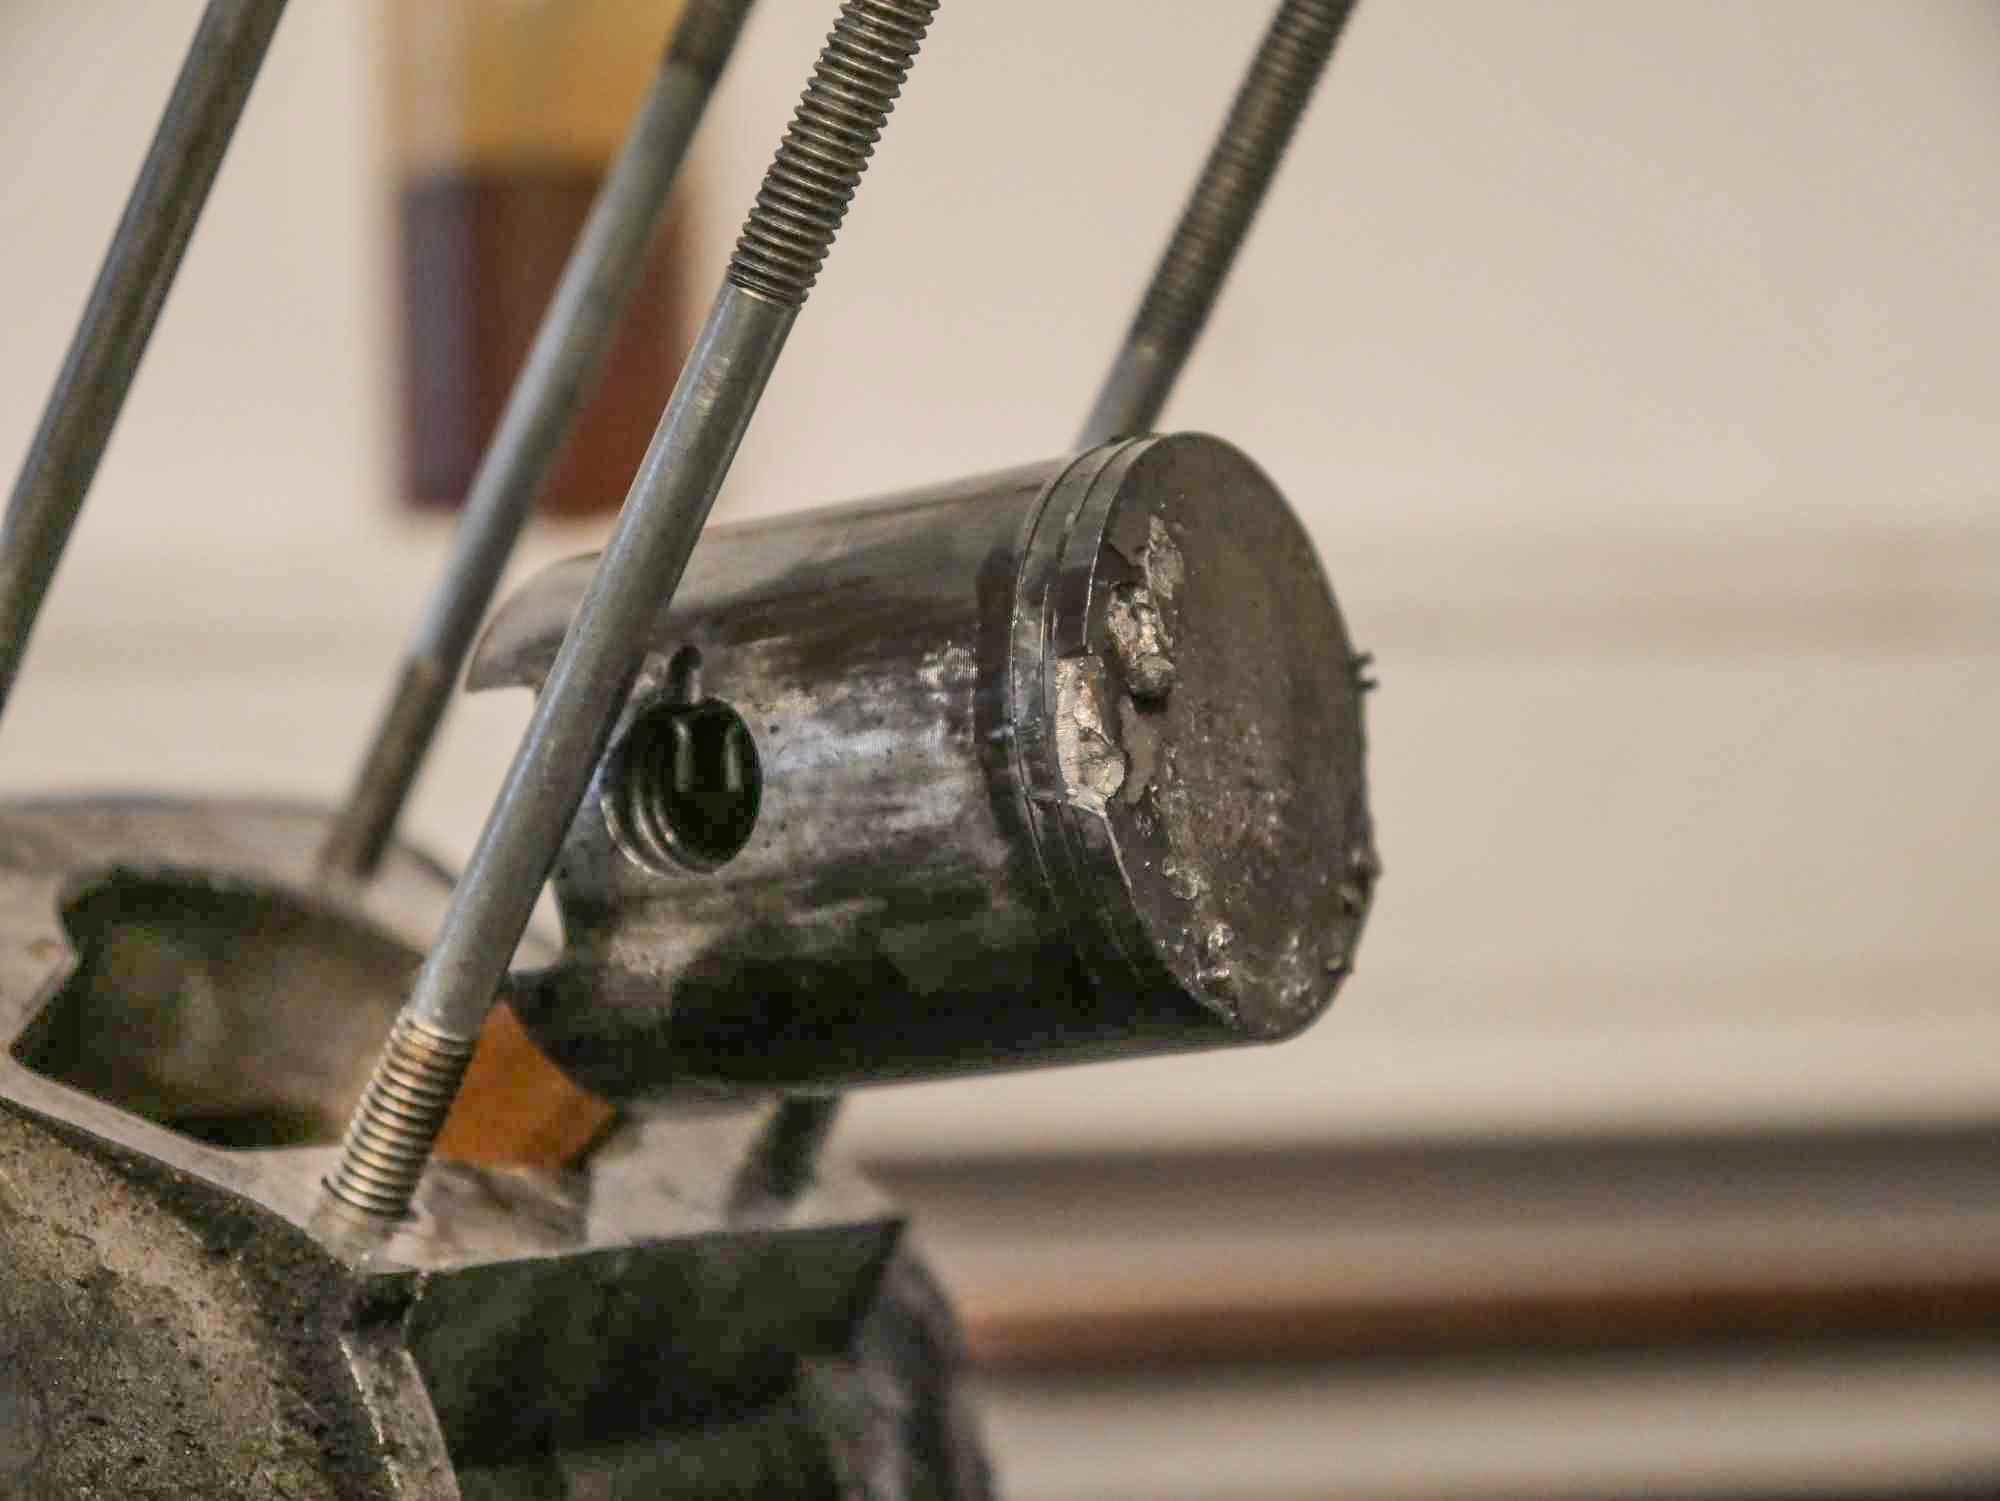 Kolbenfresser Kolbenklemmer am Simson S51 Motor mit Tuning